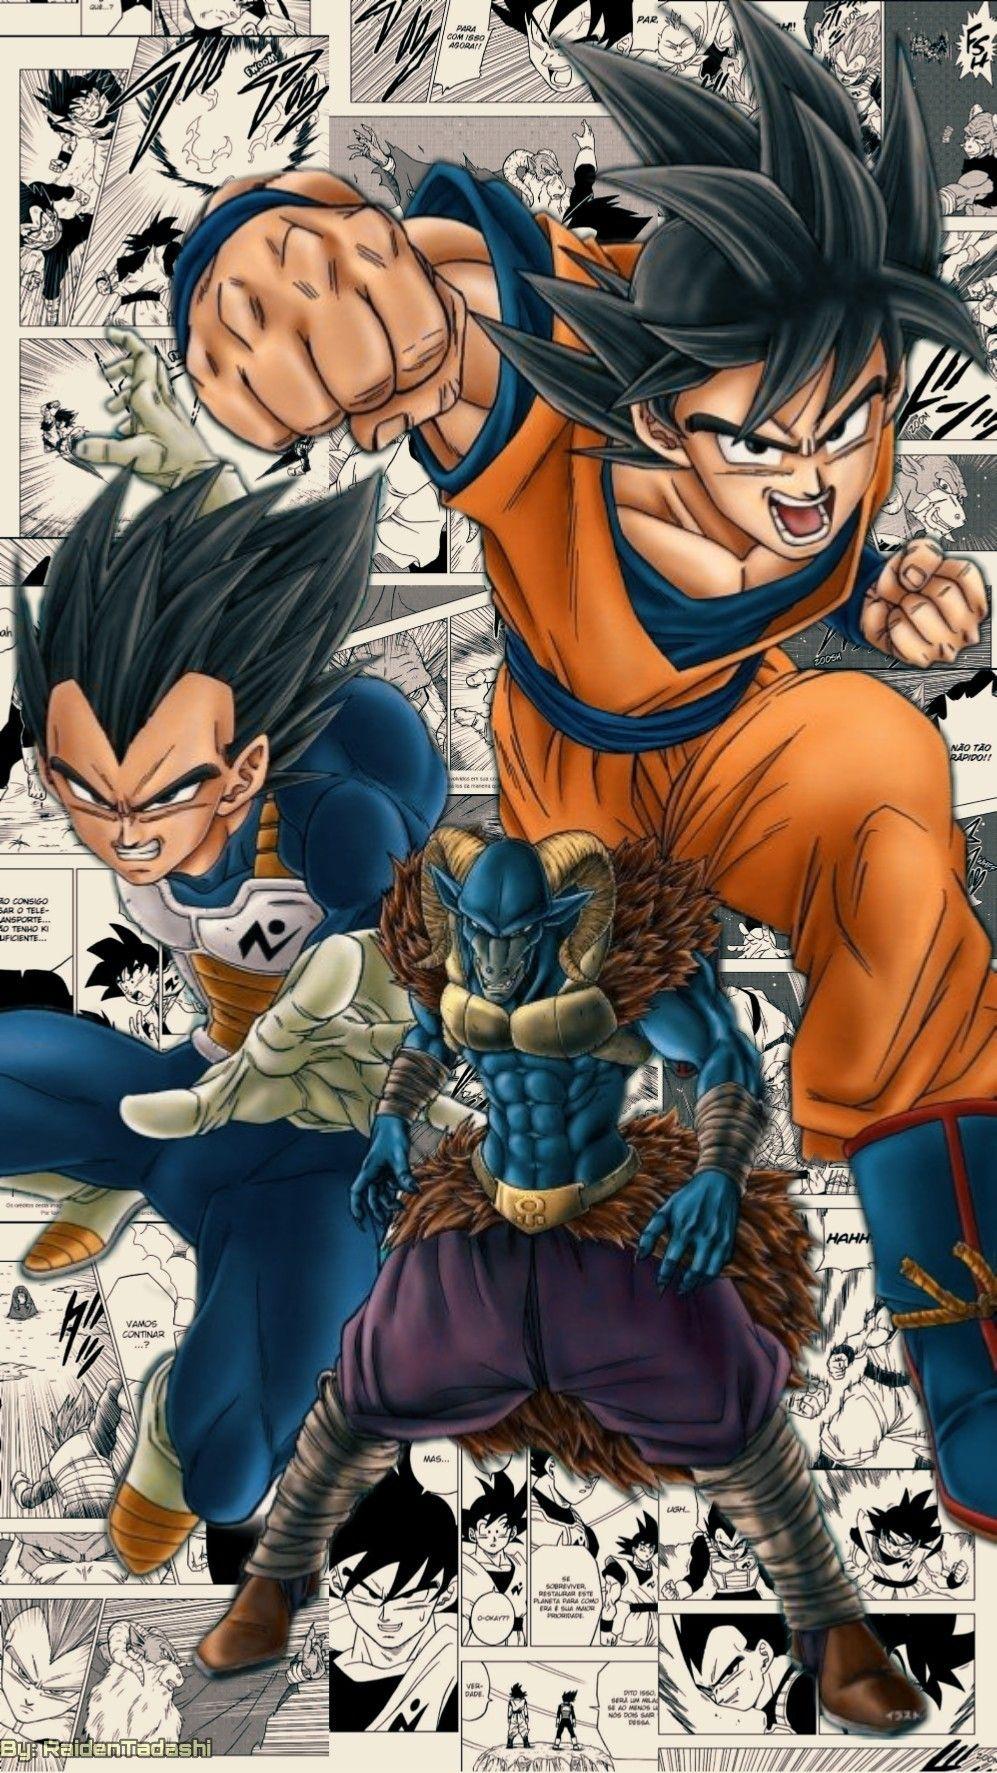 Dbs Mangá Wallpaper Made By Me Hecho Por Mi Feito Por Mim Anime Dragon Ball Super Dragon Ball Artwork Dragon Ball Art